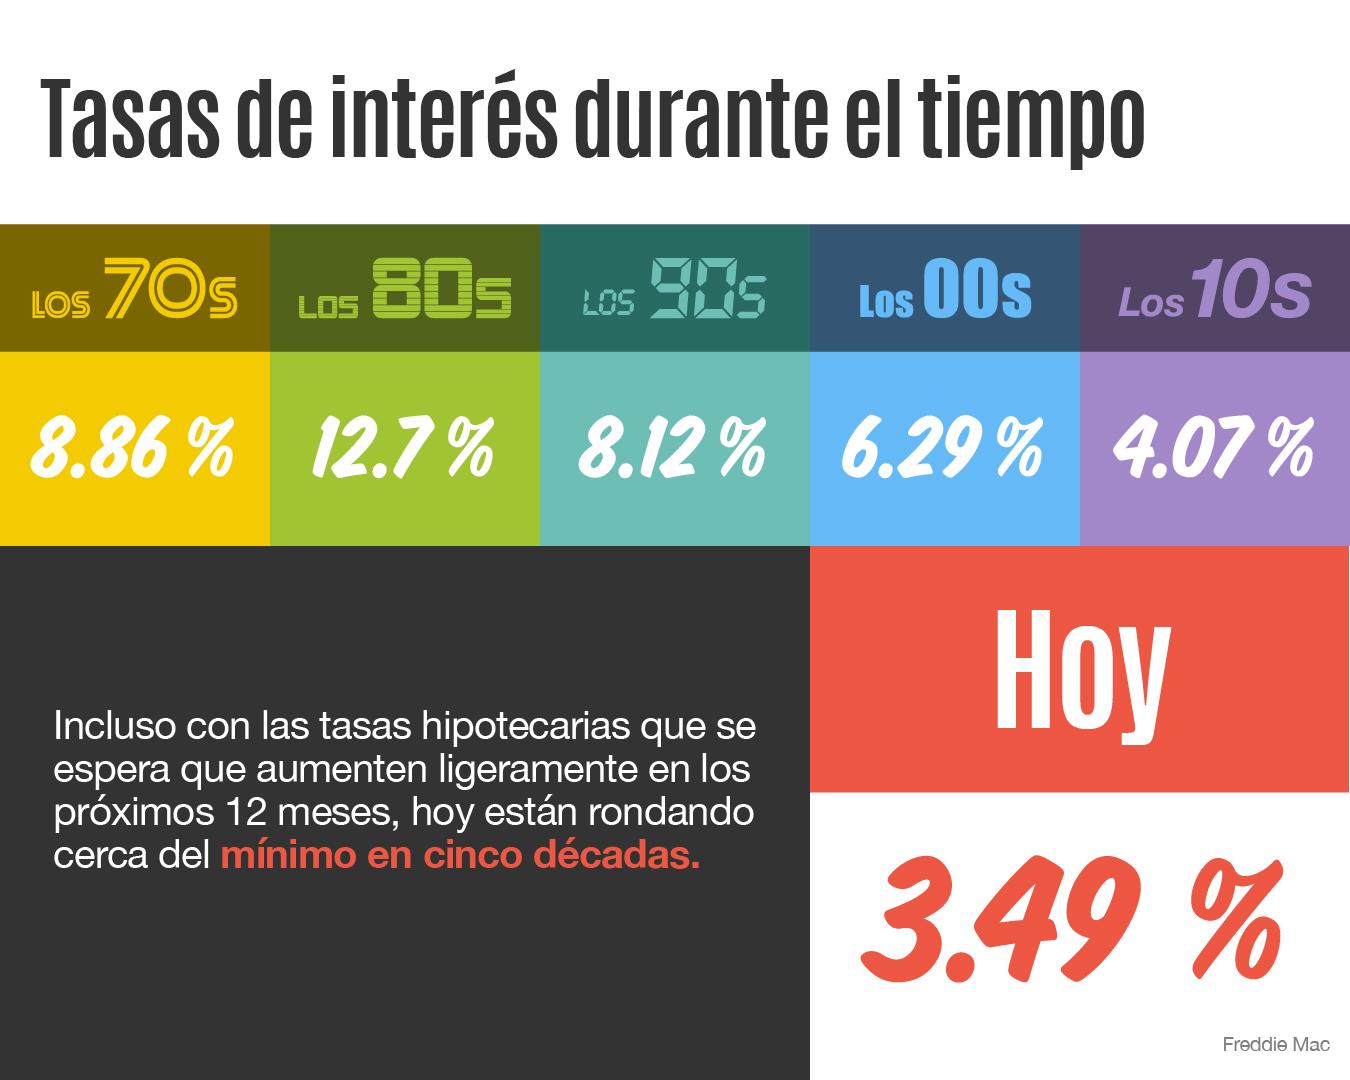 Tasas de interés durante el tiempo [infografía] | Simplifying The Market